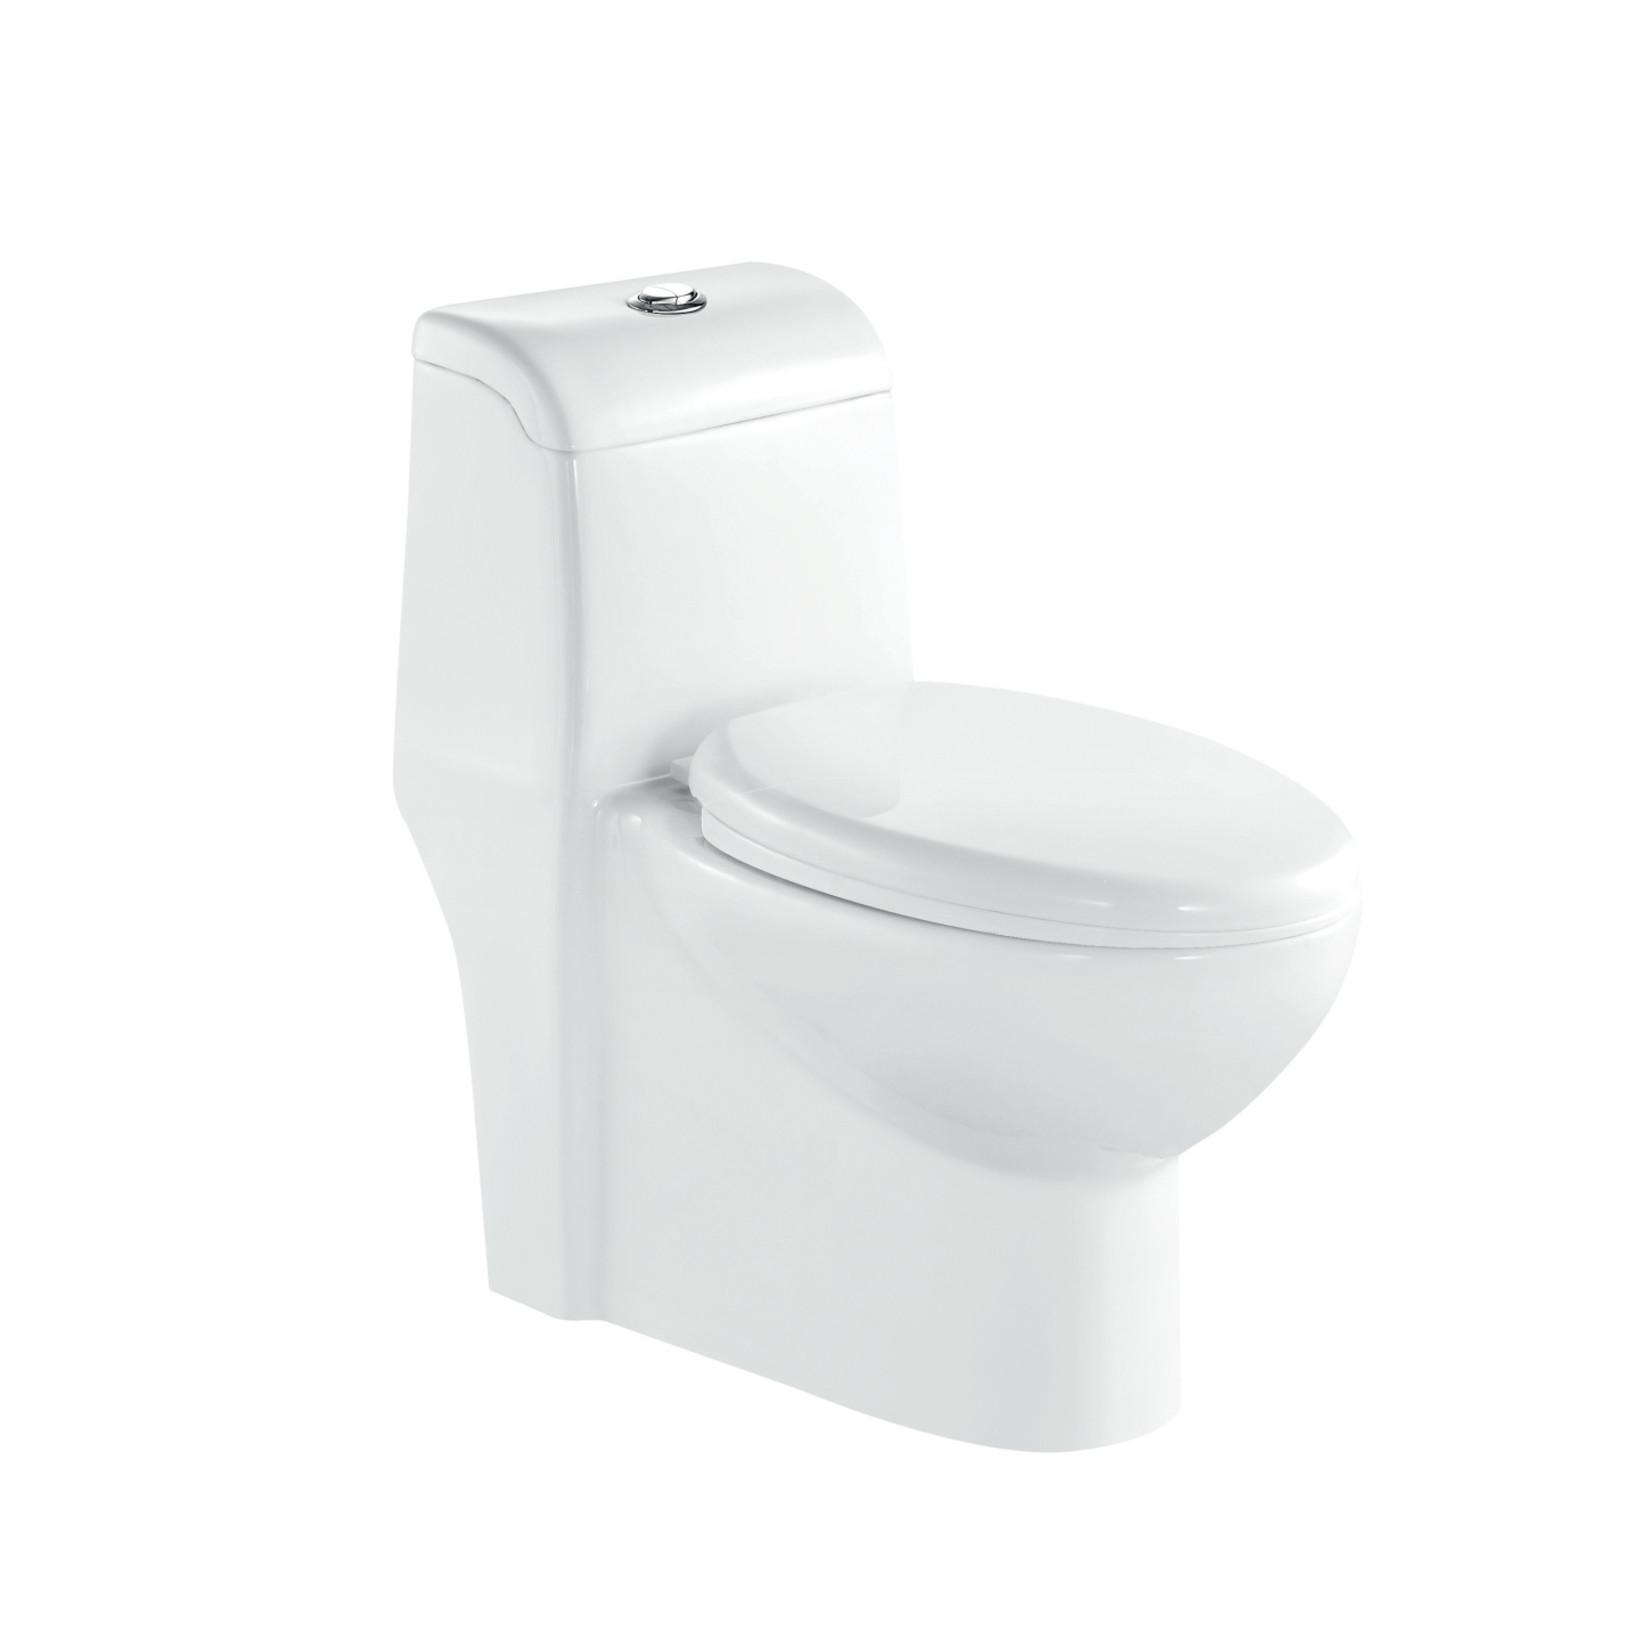 MJ-310 Toilet